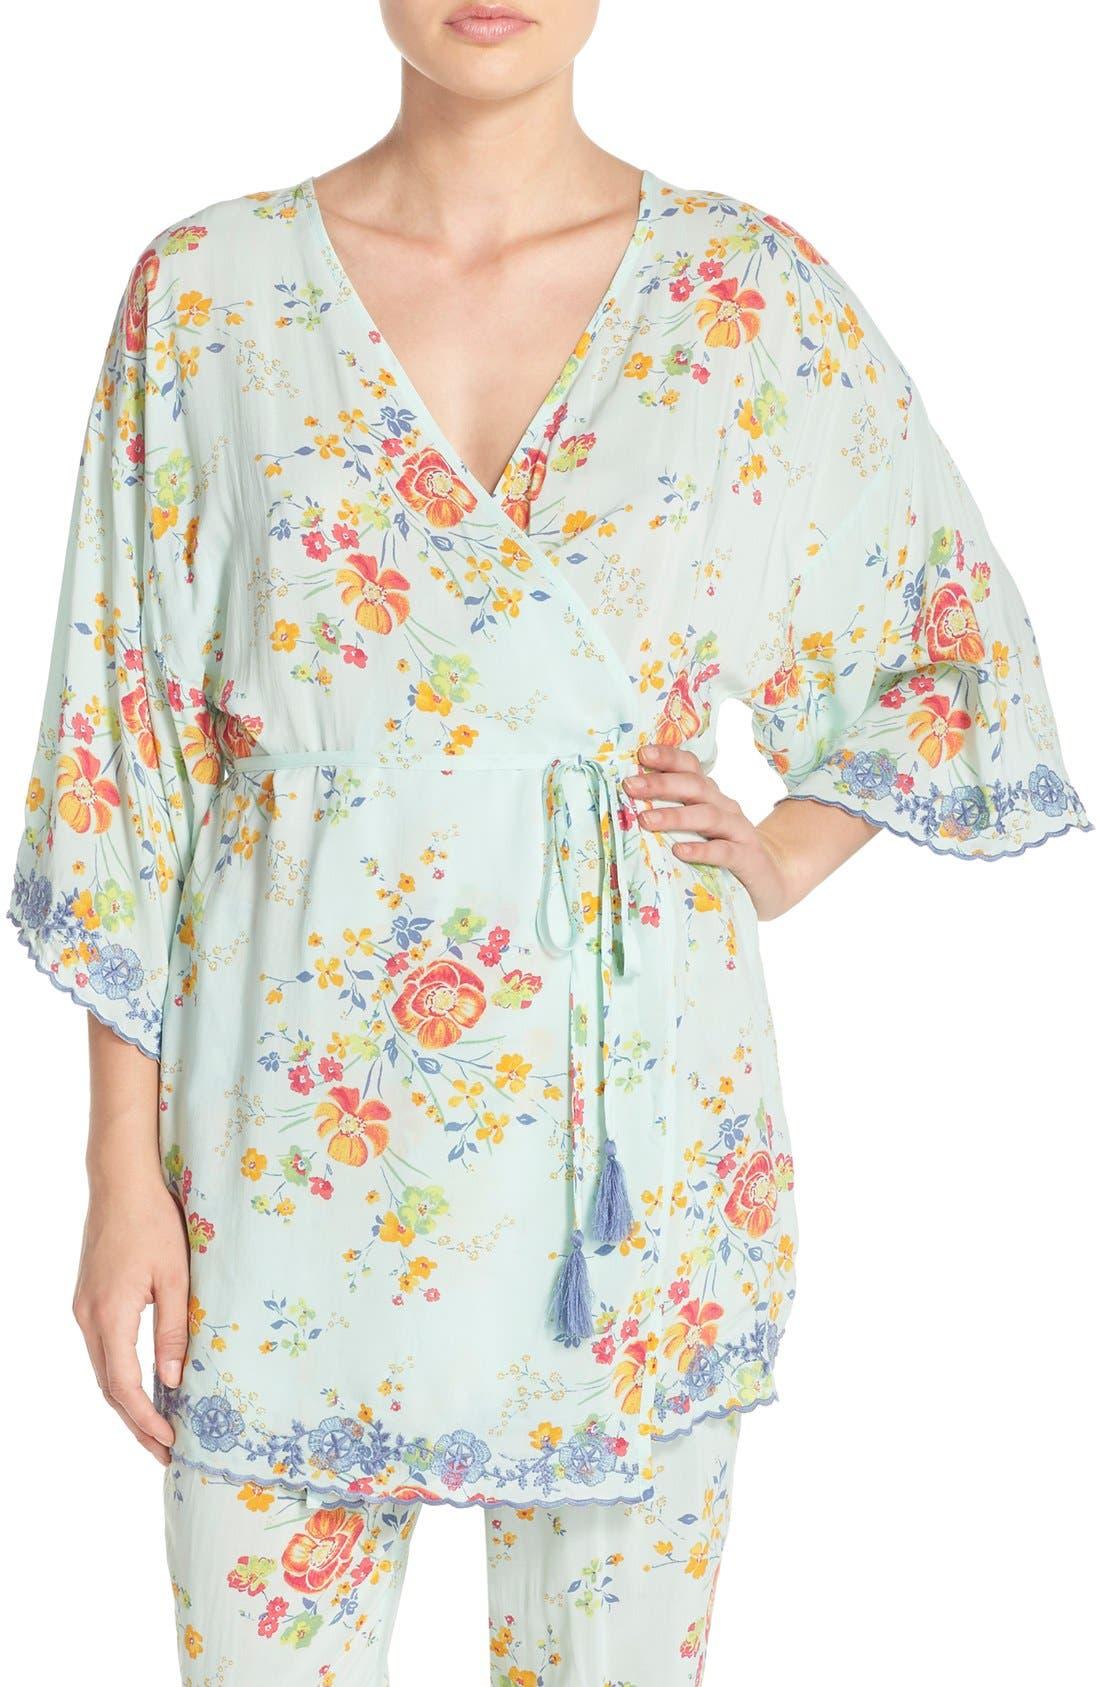 Main Image - Make + Model 'Summer Daze' Kimono Robe